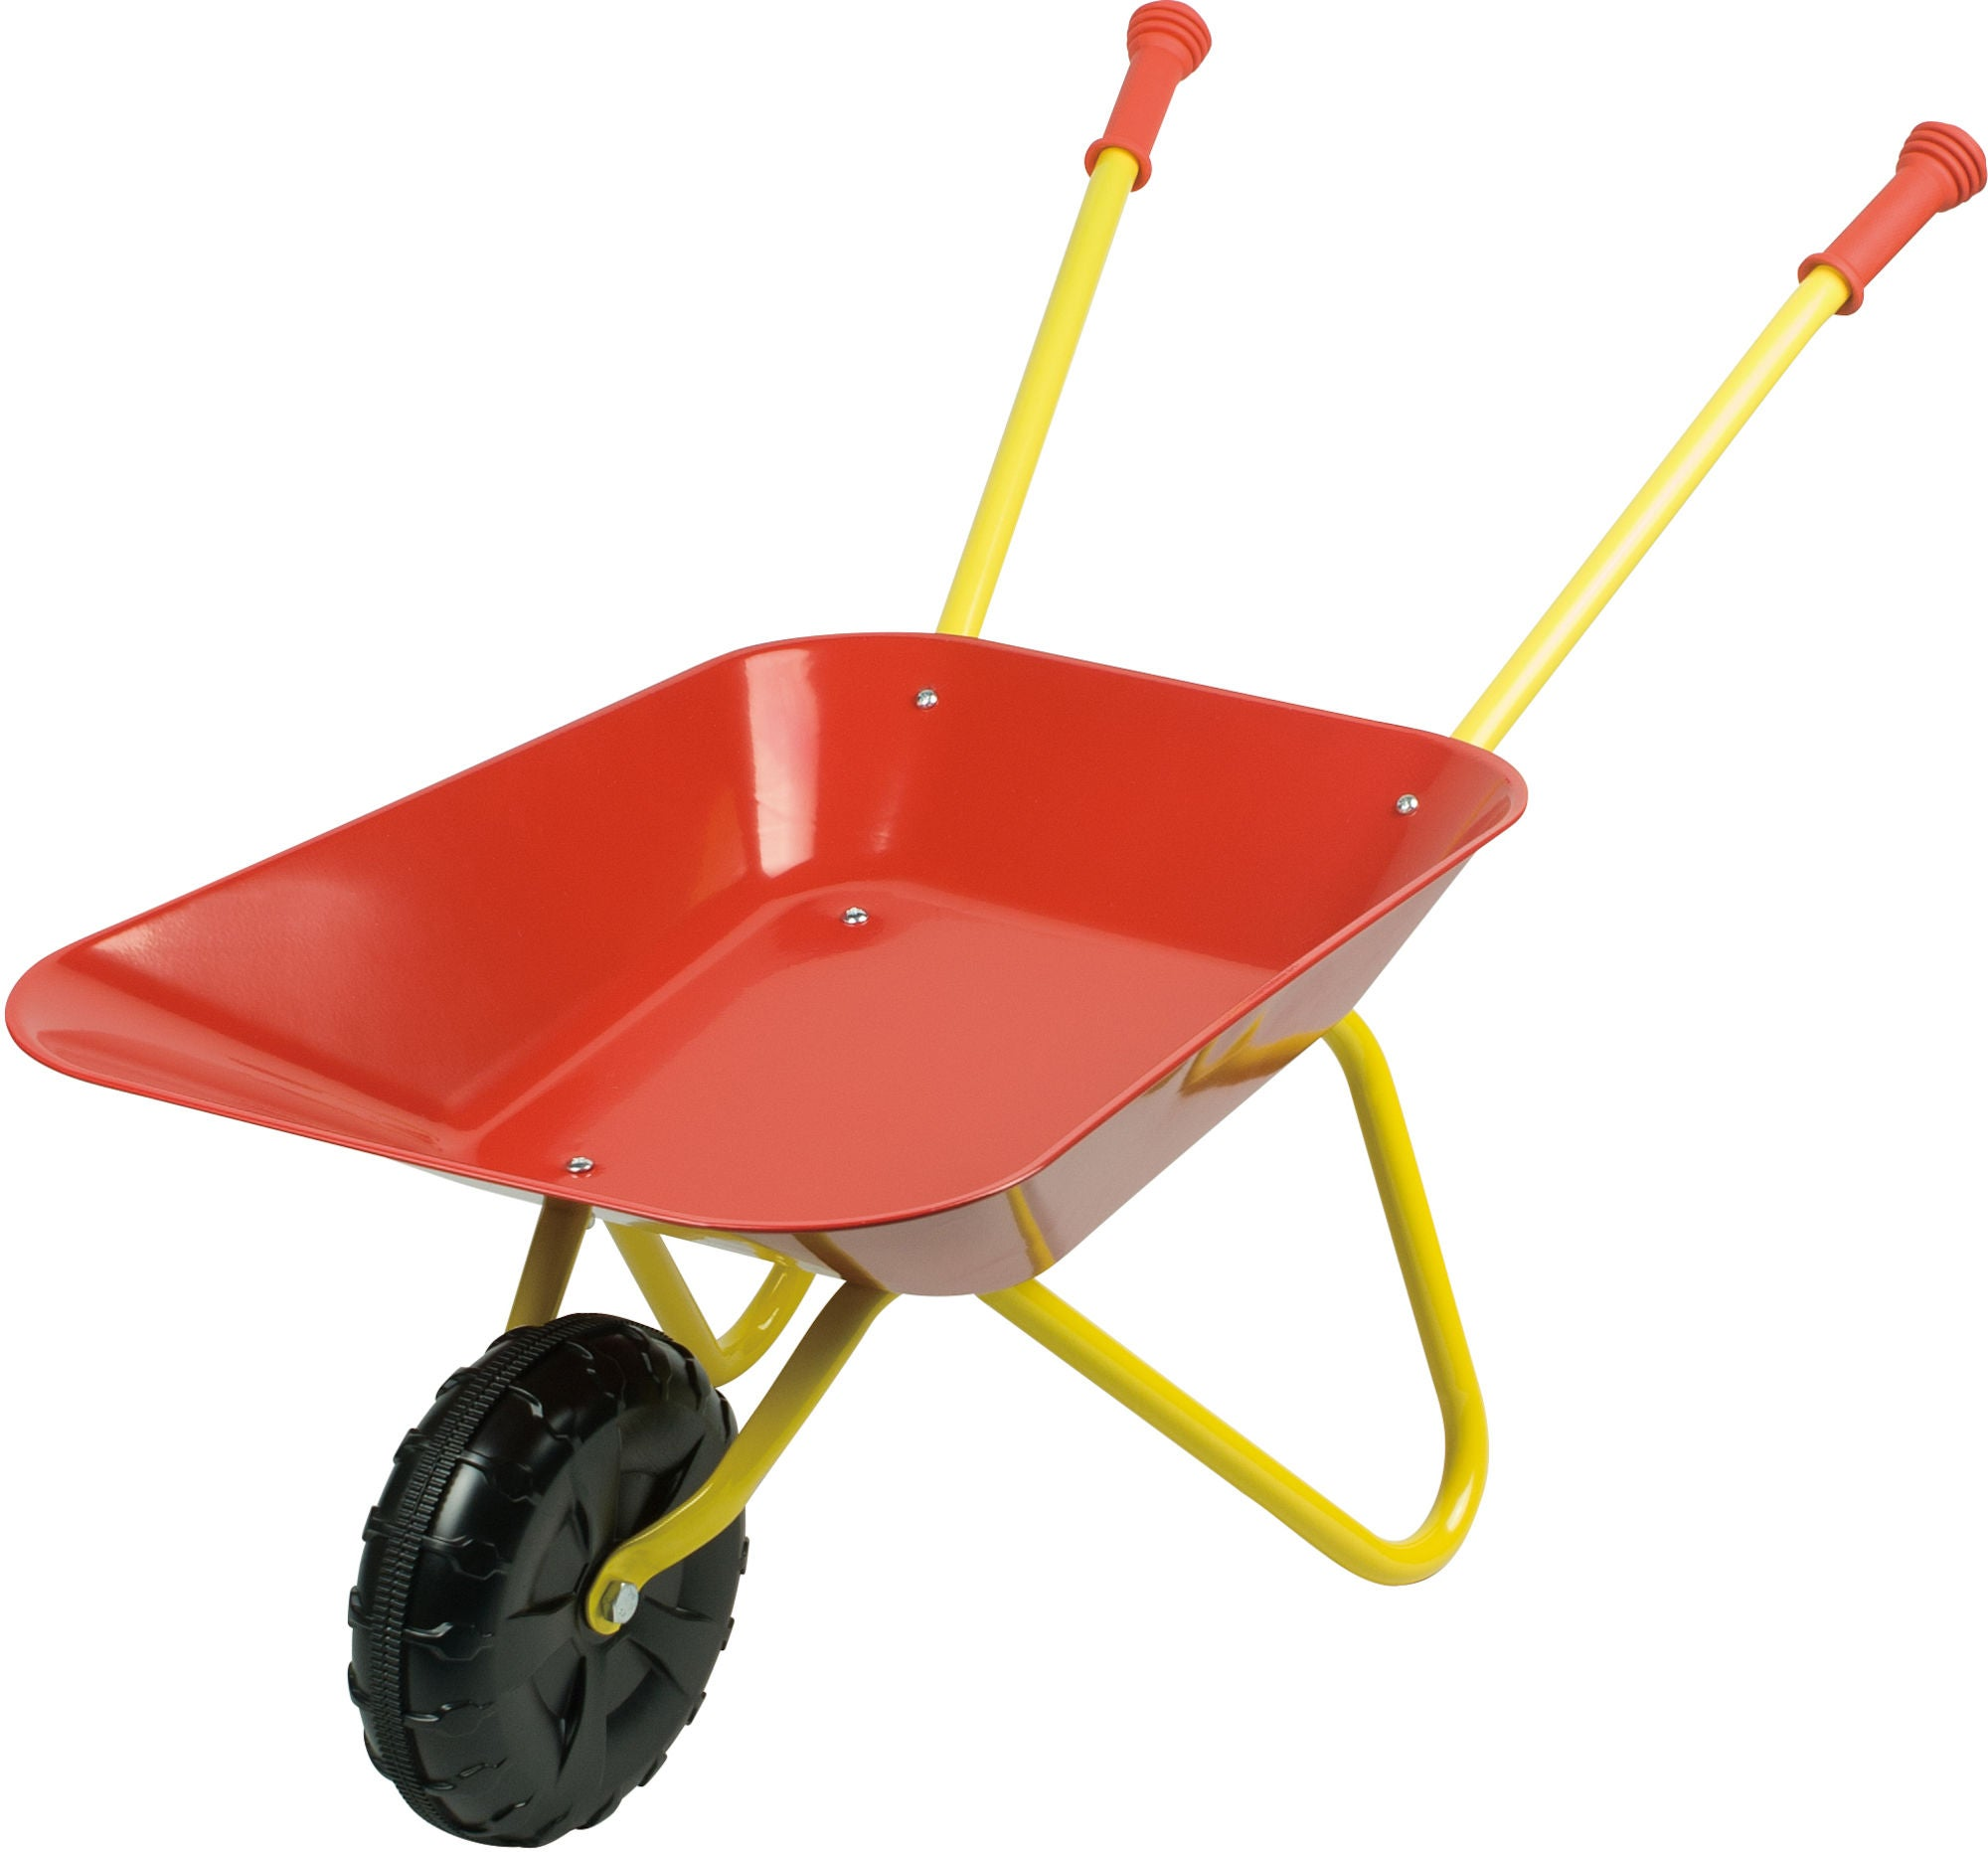 Playfun - Wheel Barrow (5058)